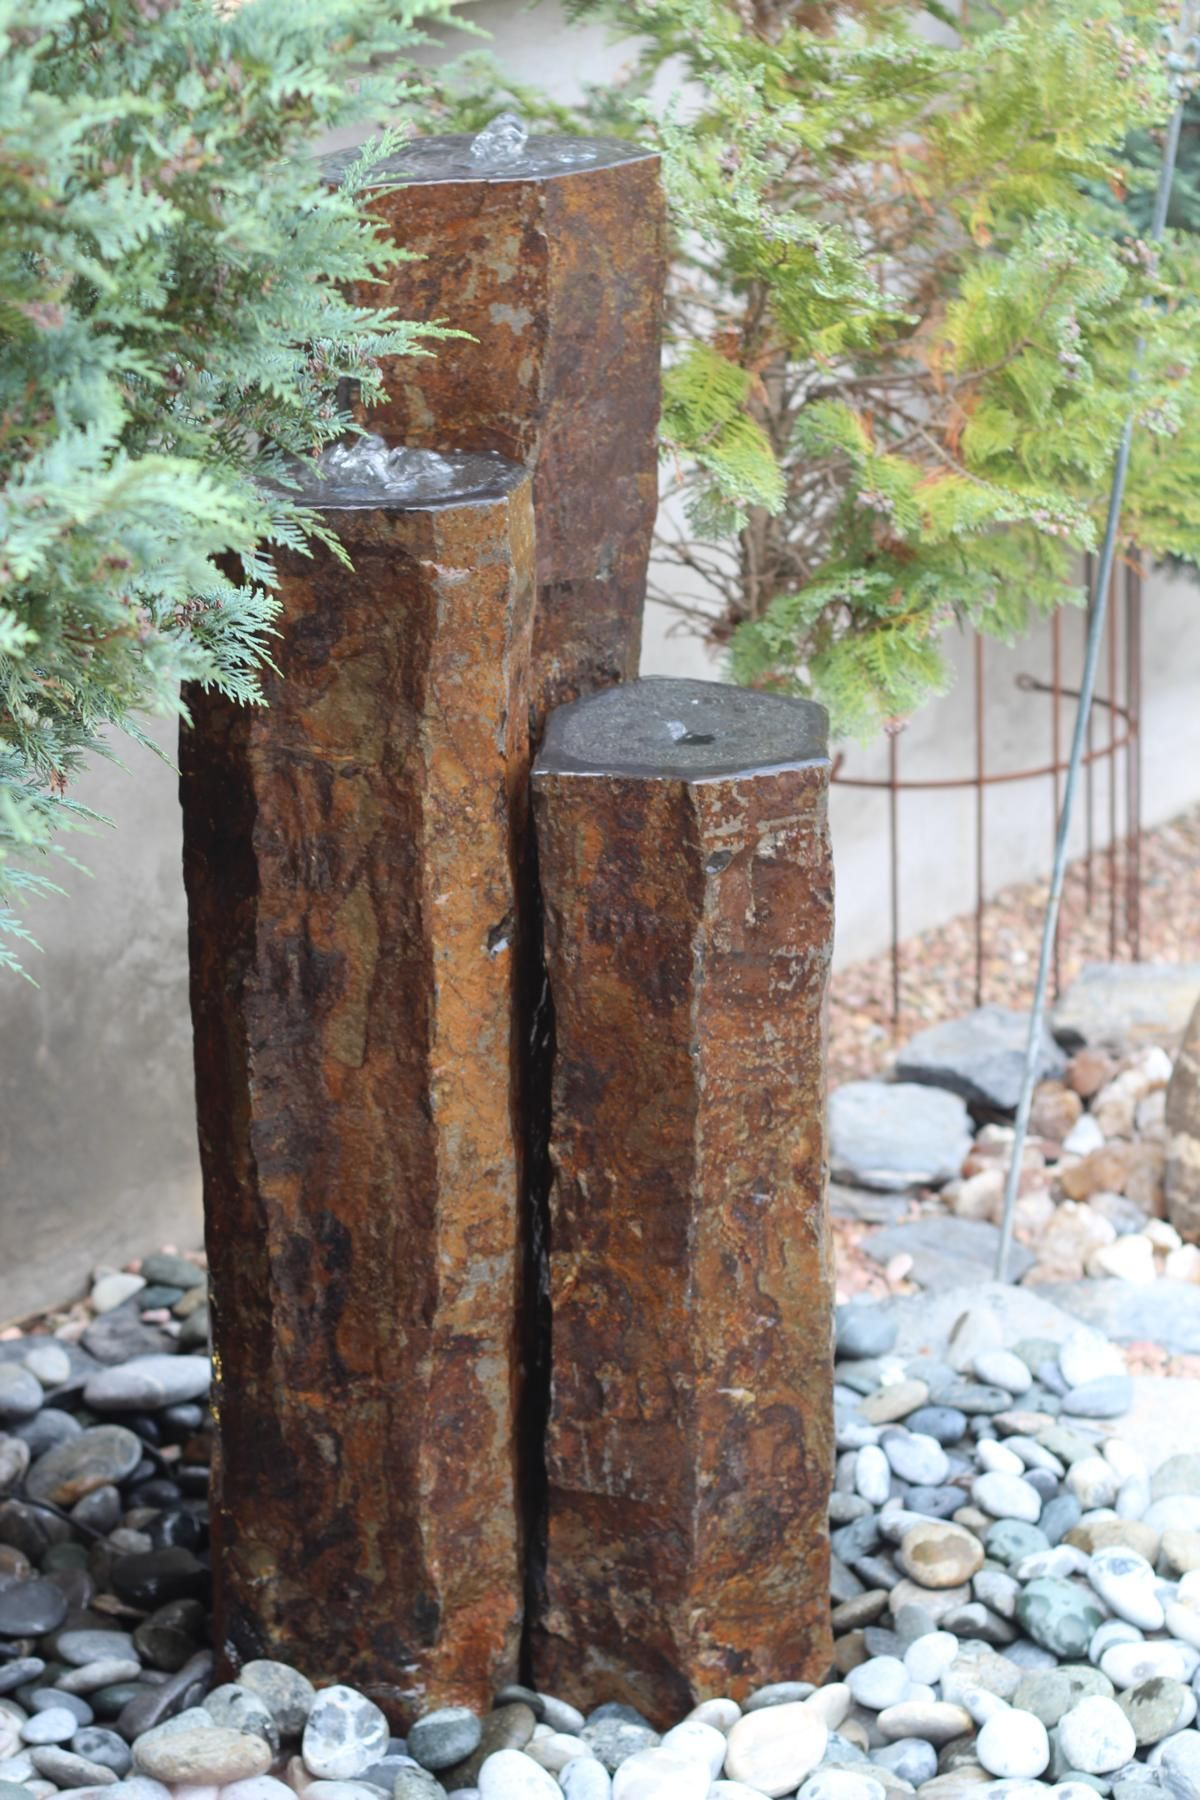 Quellstein 3er Basalt Saulen Wasserspiel Gartenbrunnen Wasser Im Garten Ausstellung Brunnenschmiede De Gartenbrunnen Garten Wasserfall Garten